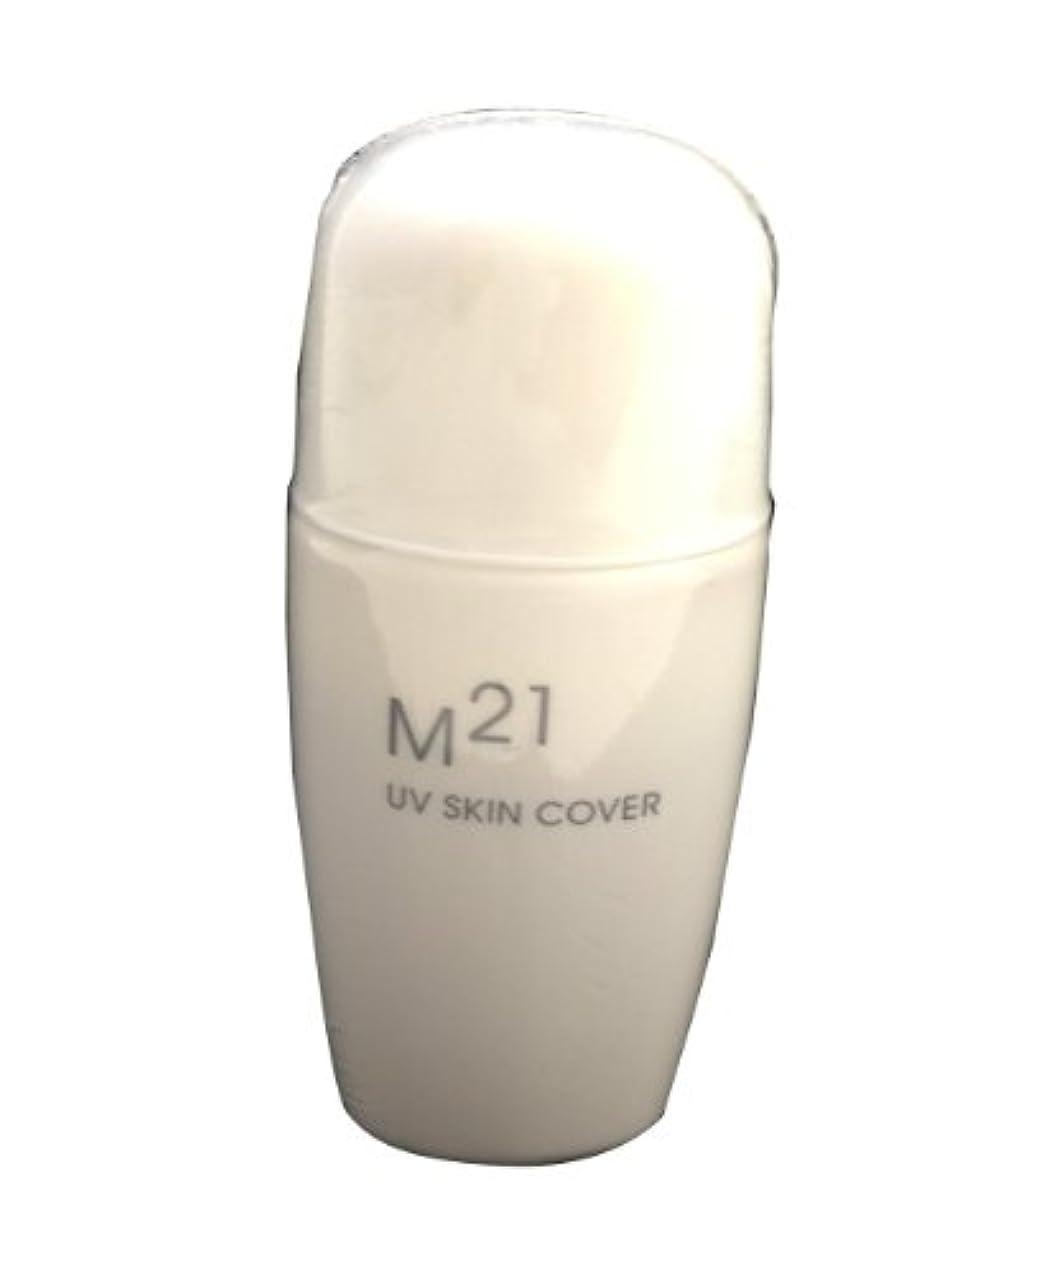 戸惑う眉をひそめる立ち向かうM21UVスキンカバー 自然化粧品M21